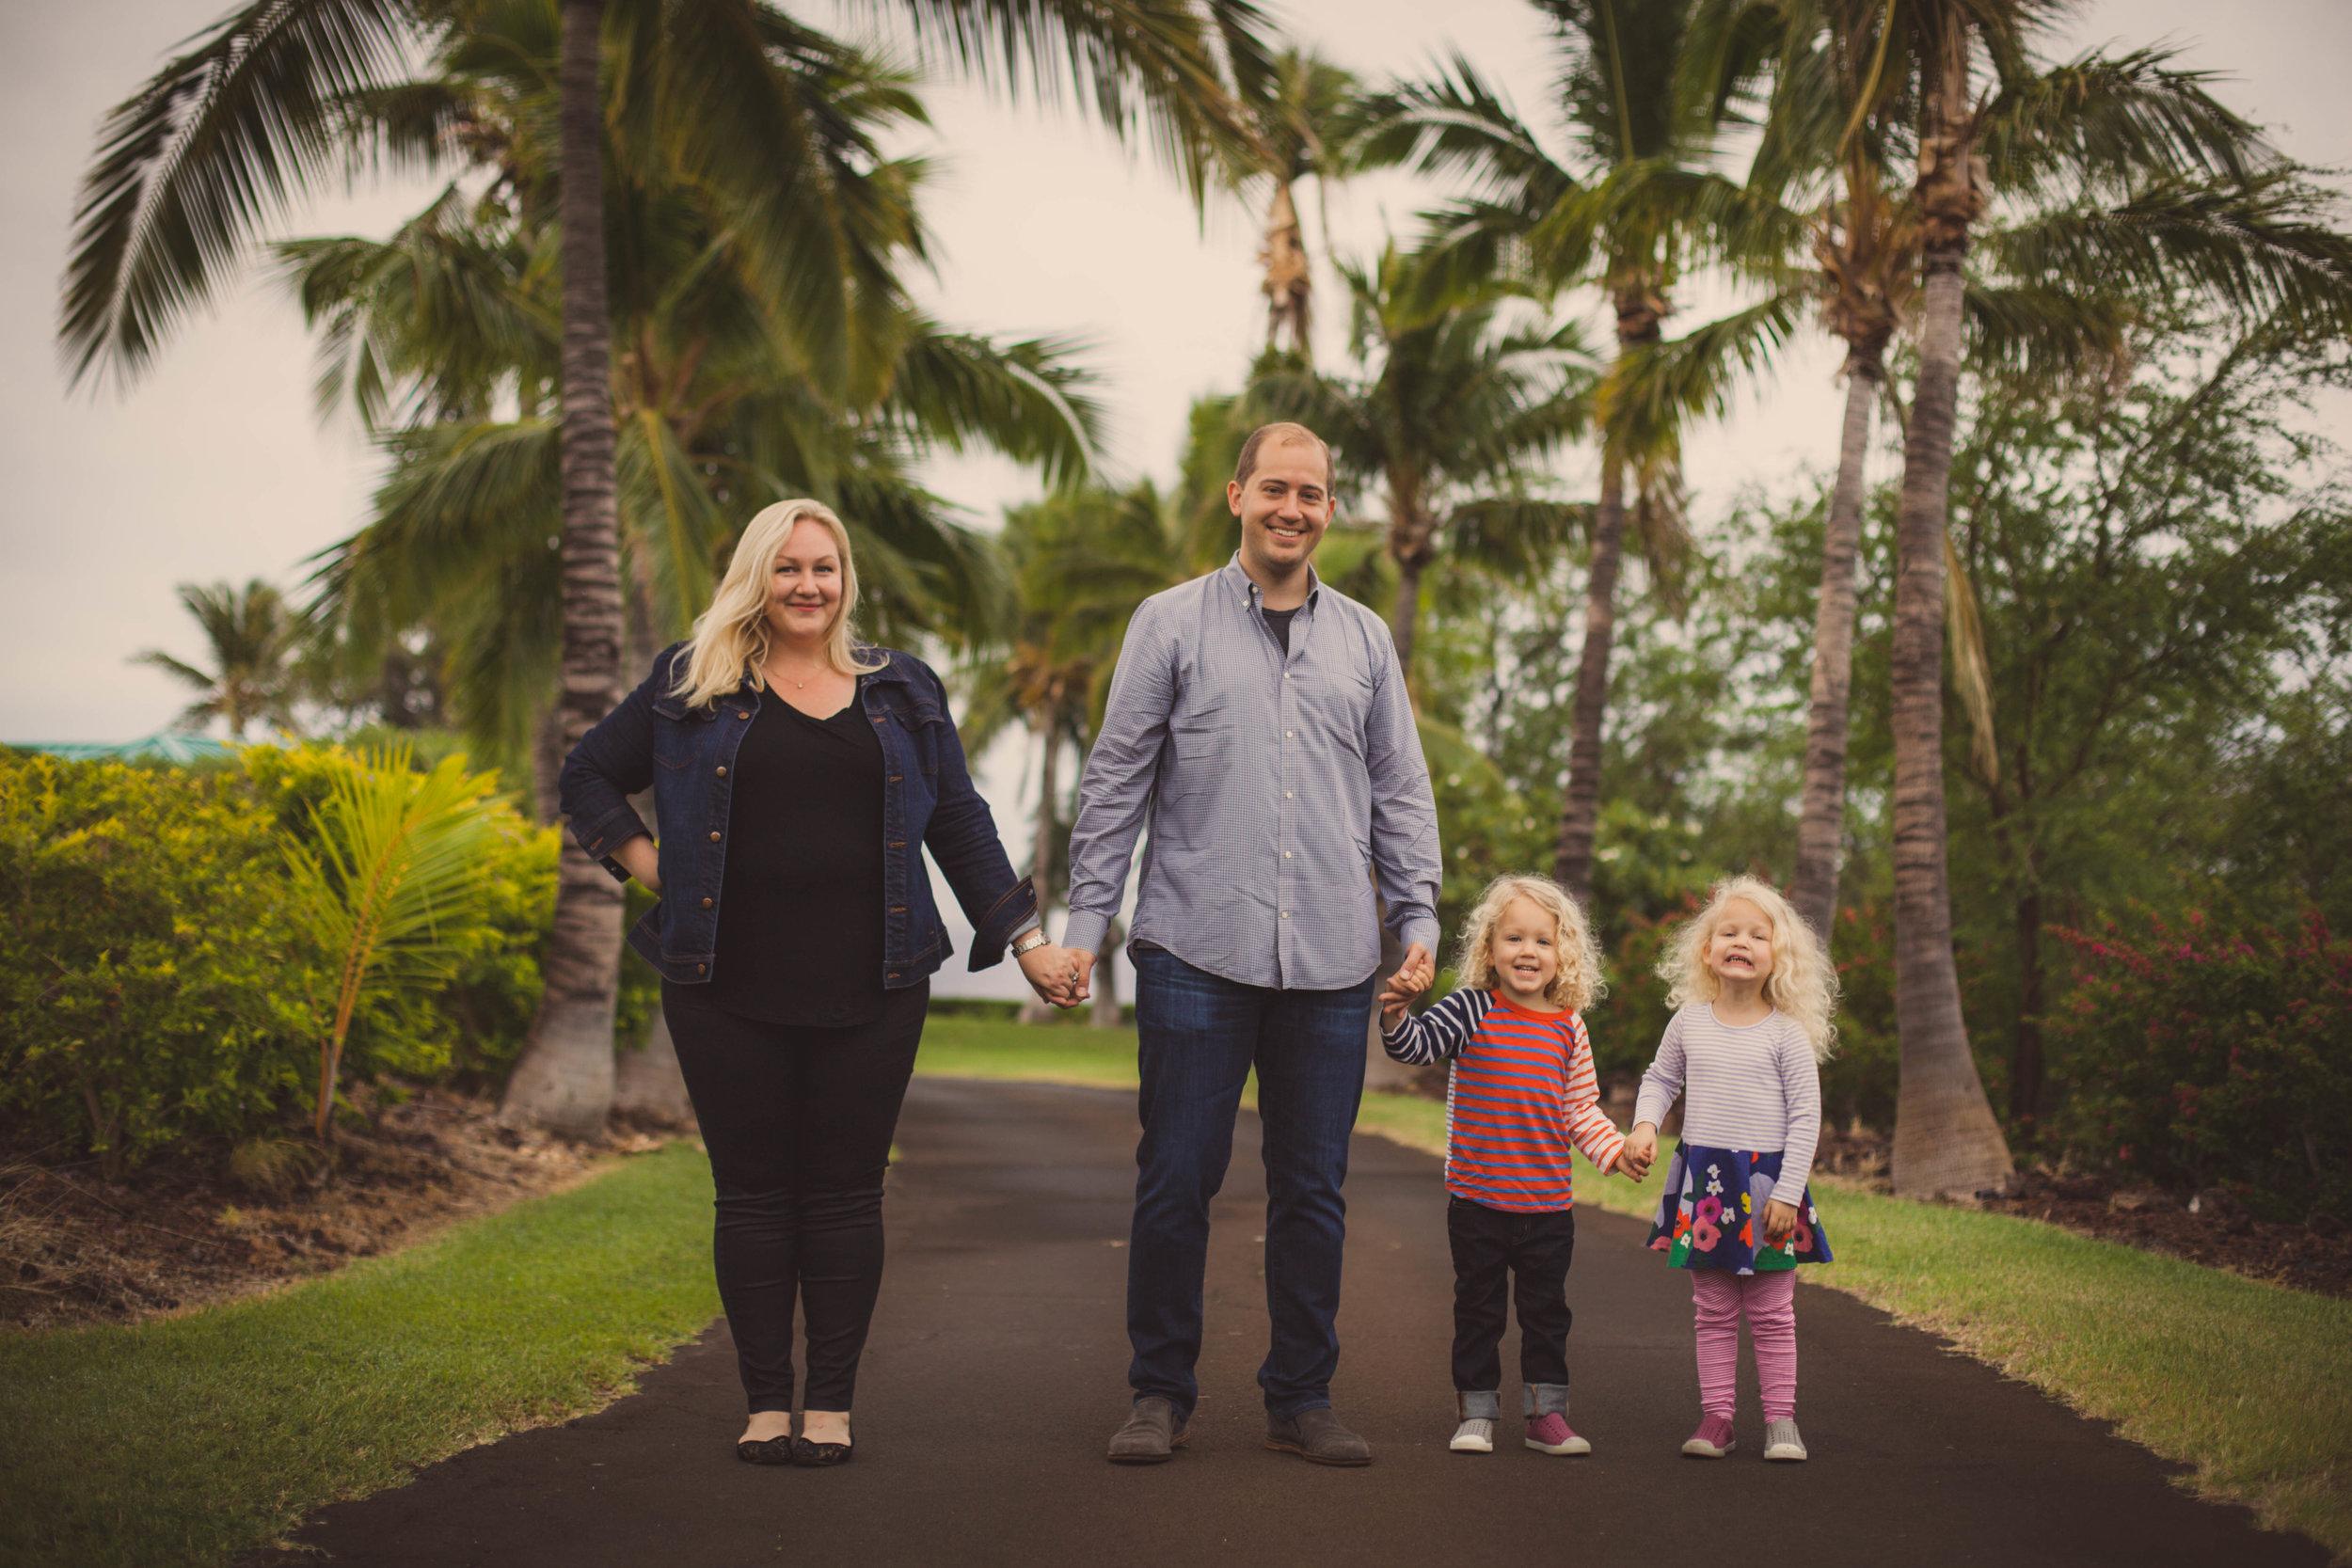 big island hawaii kohala ranch family © kelilina photography 20171127080705-1.jpg